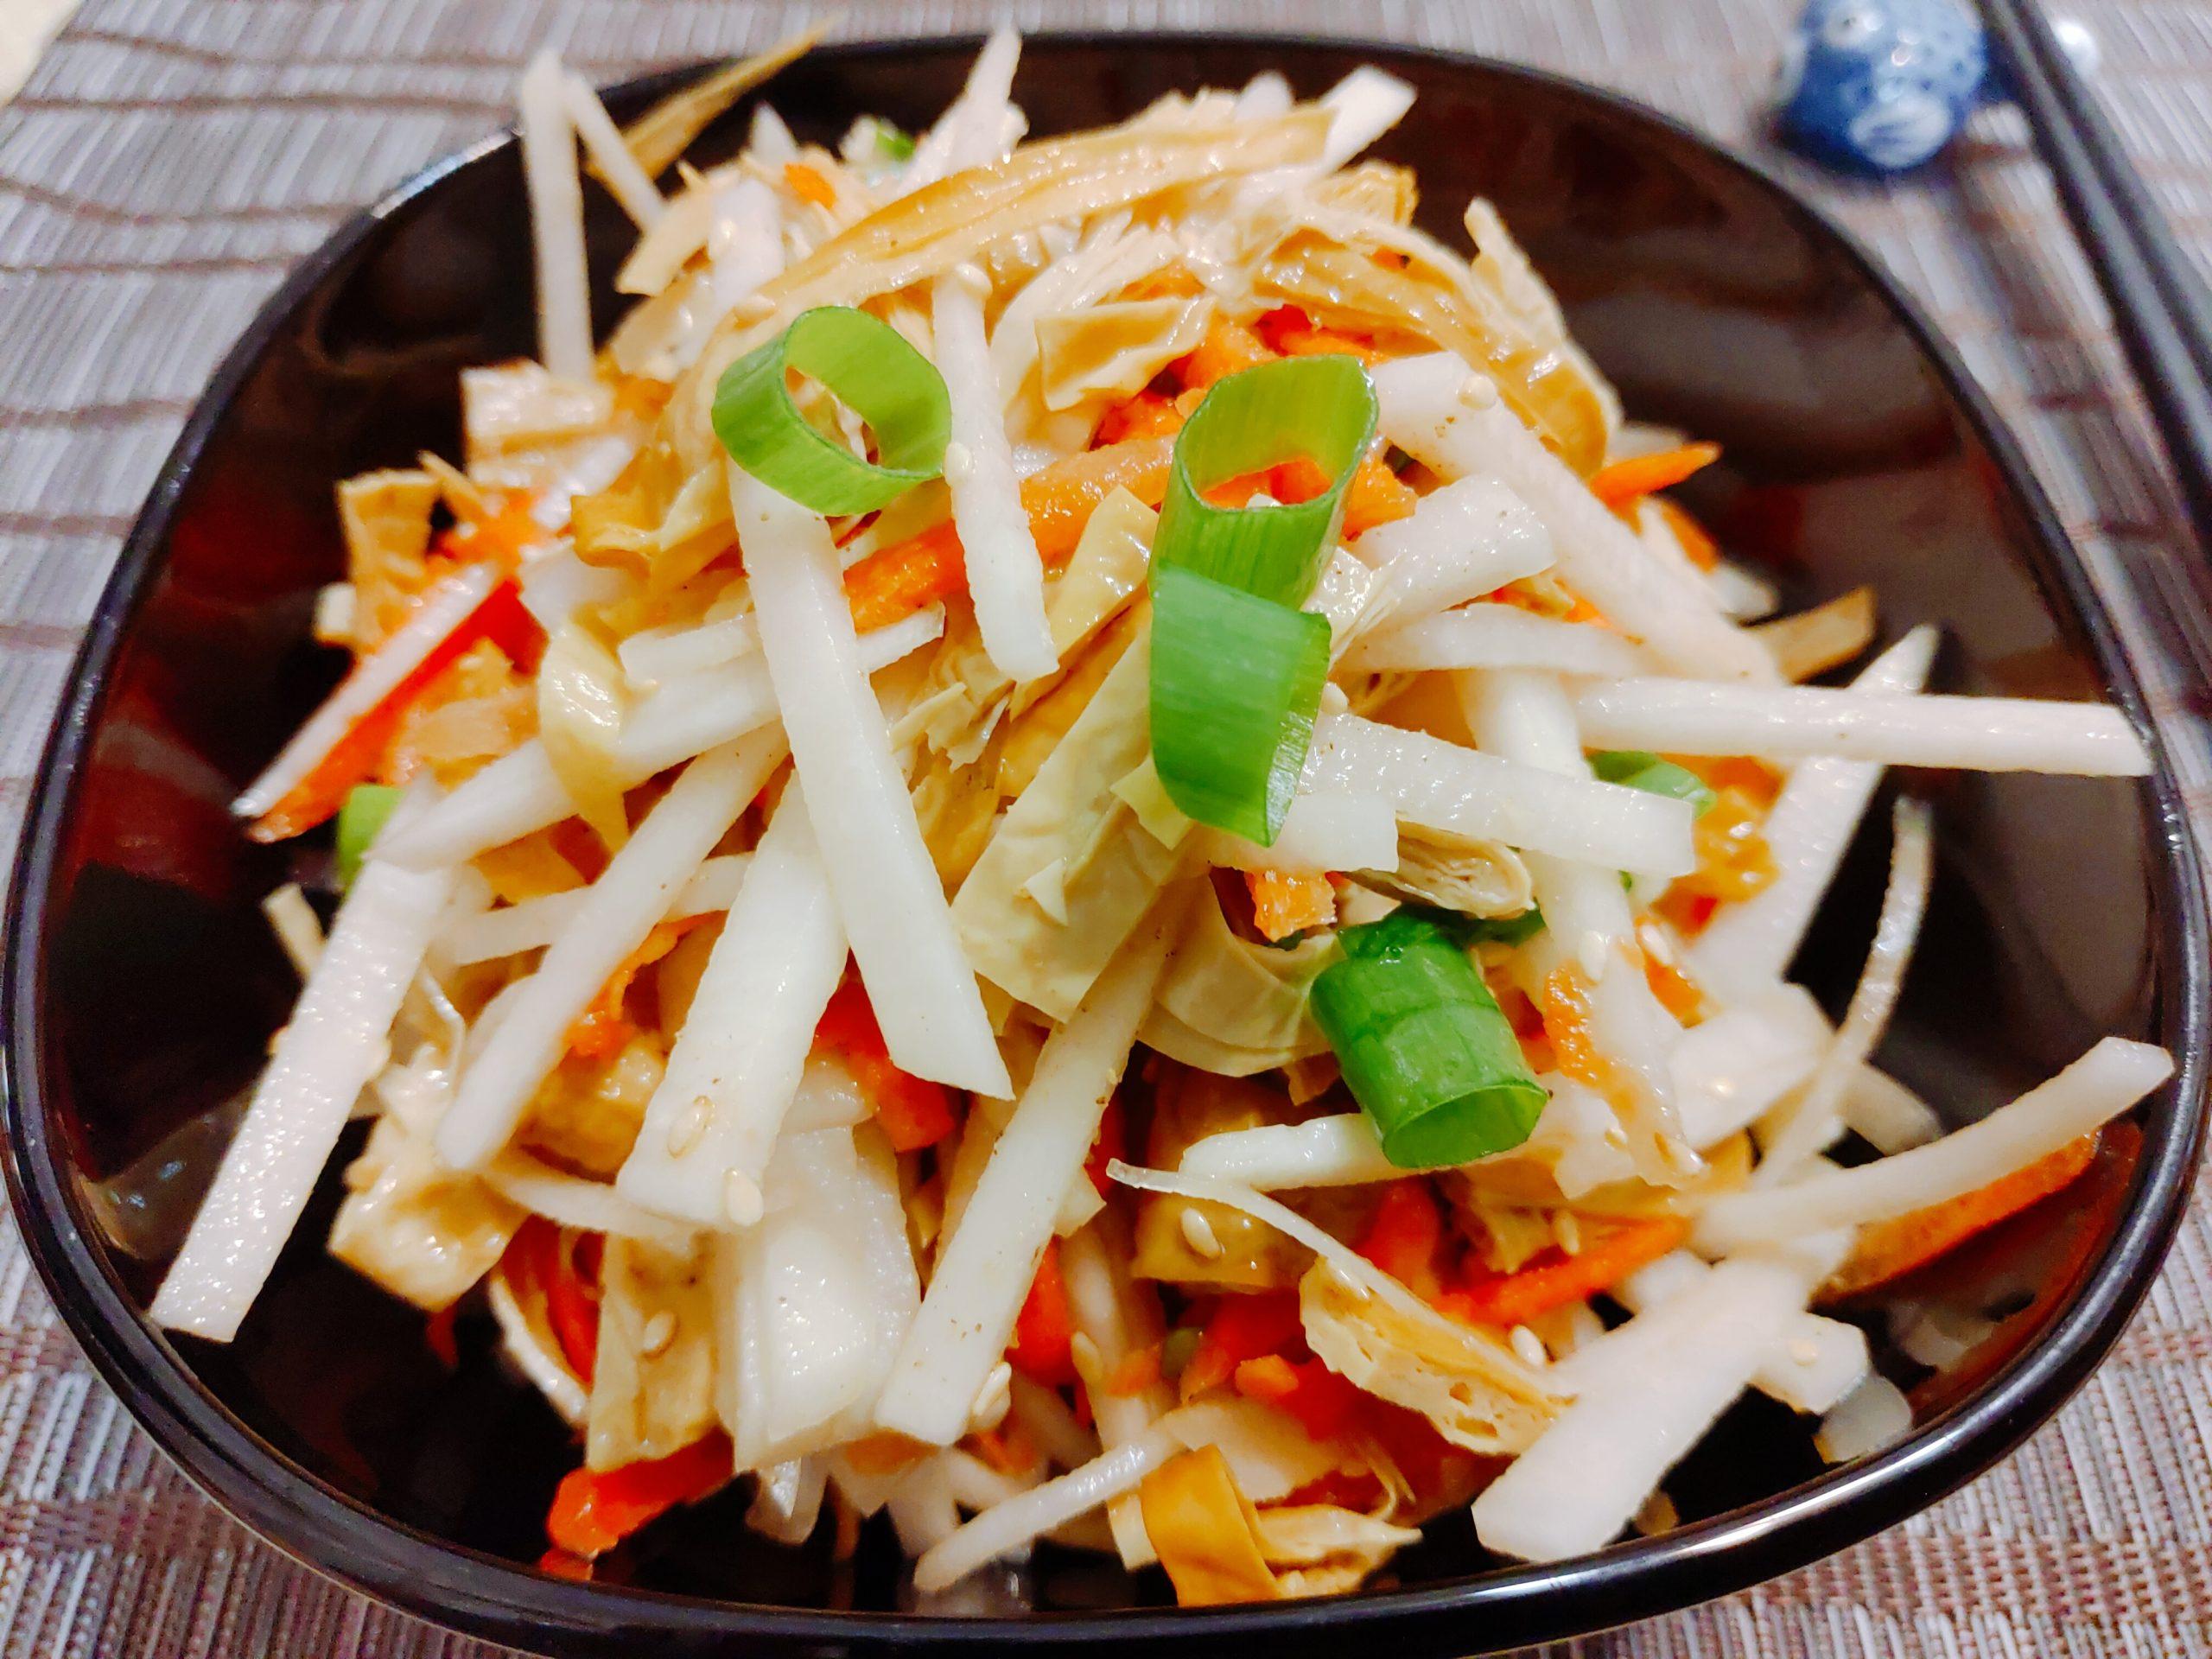 【食譜】涼拌煙燻豆皮|三分鐘就上桌,健康低負擔的小菜